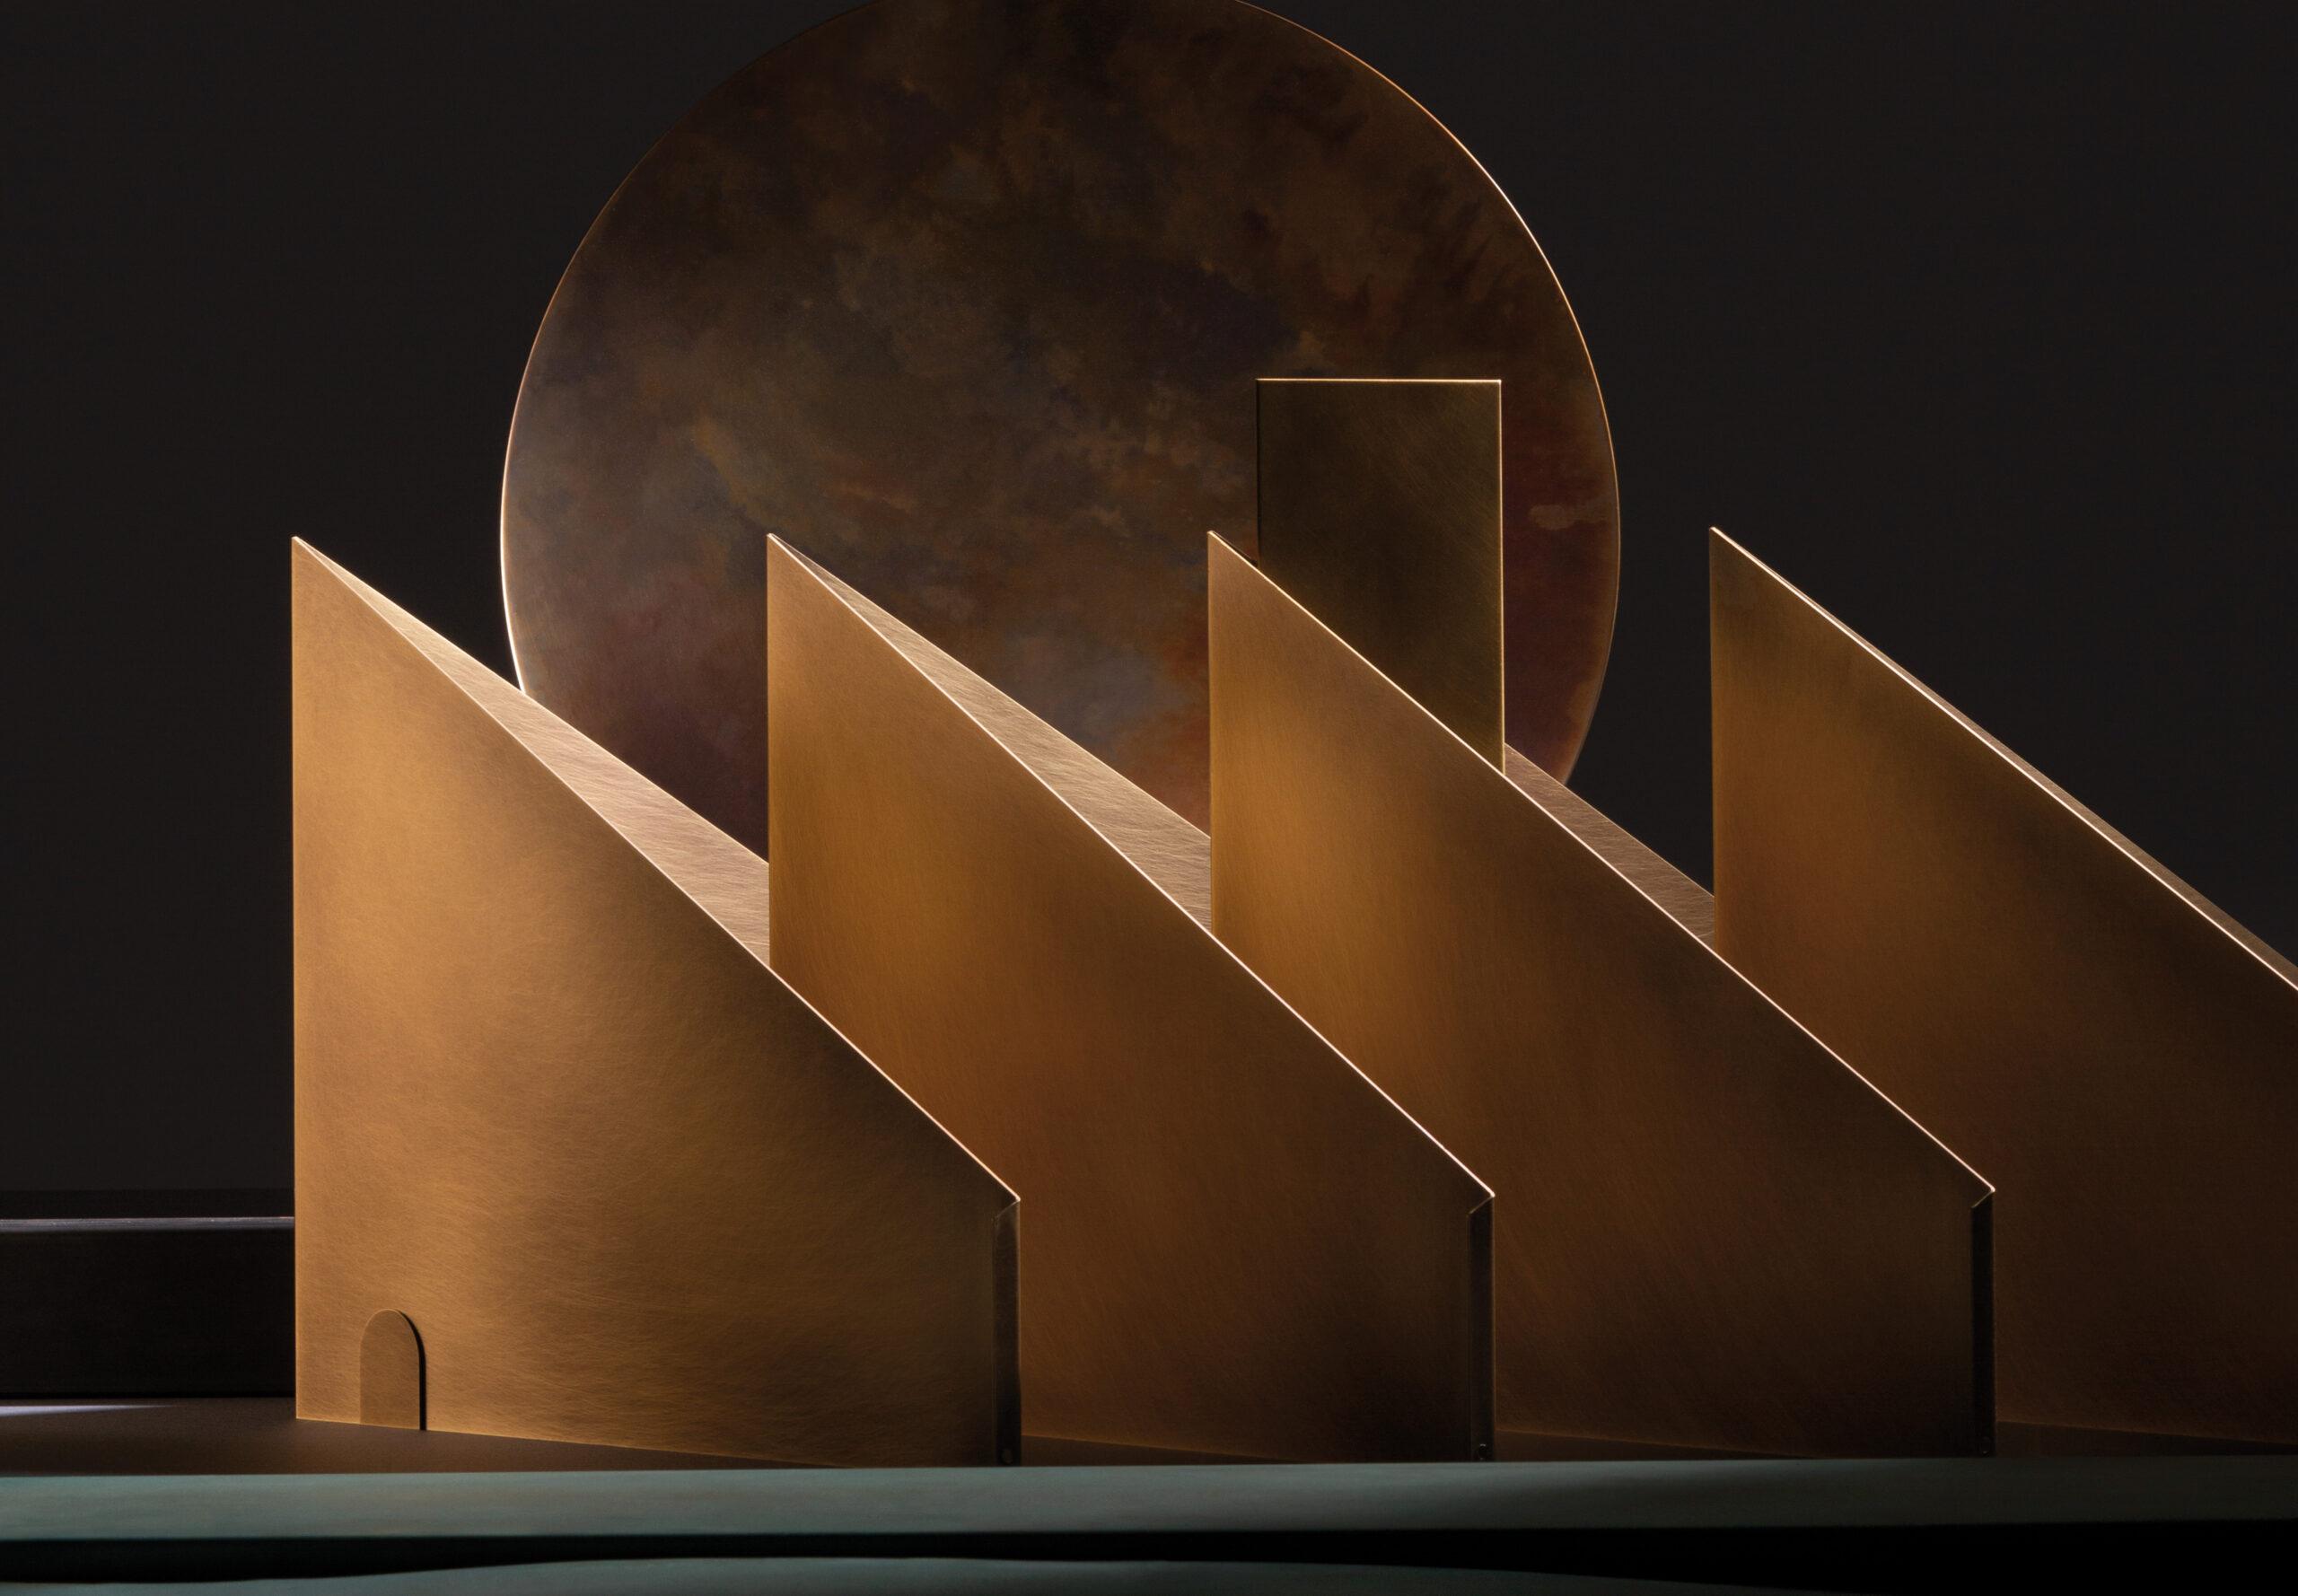 De Castelli - Il metallo interpreta l'architettura